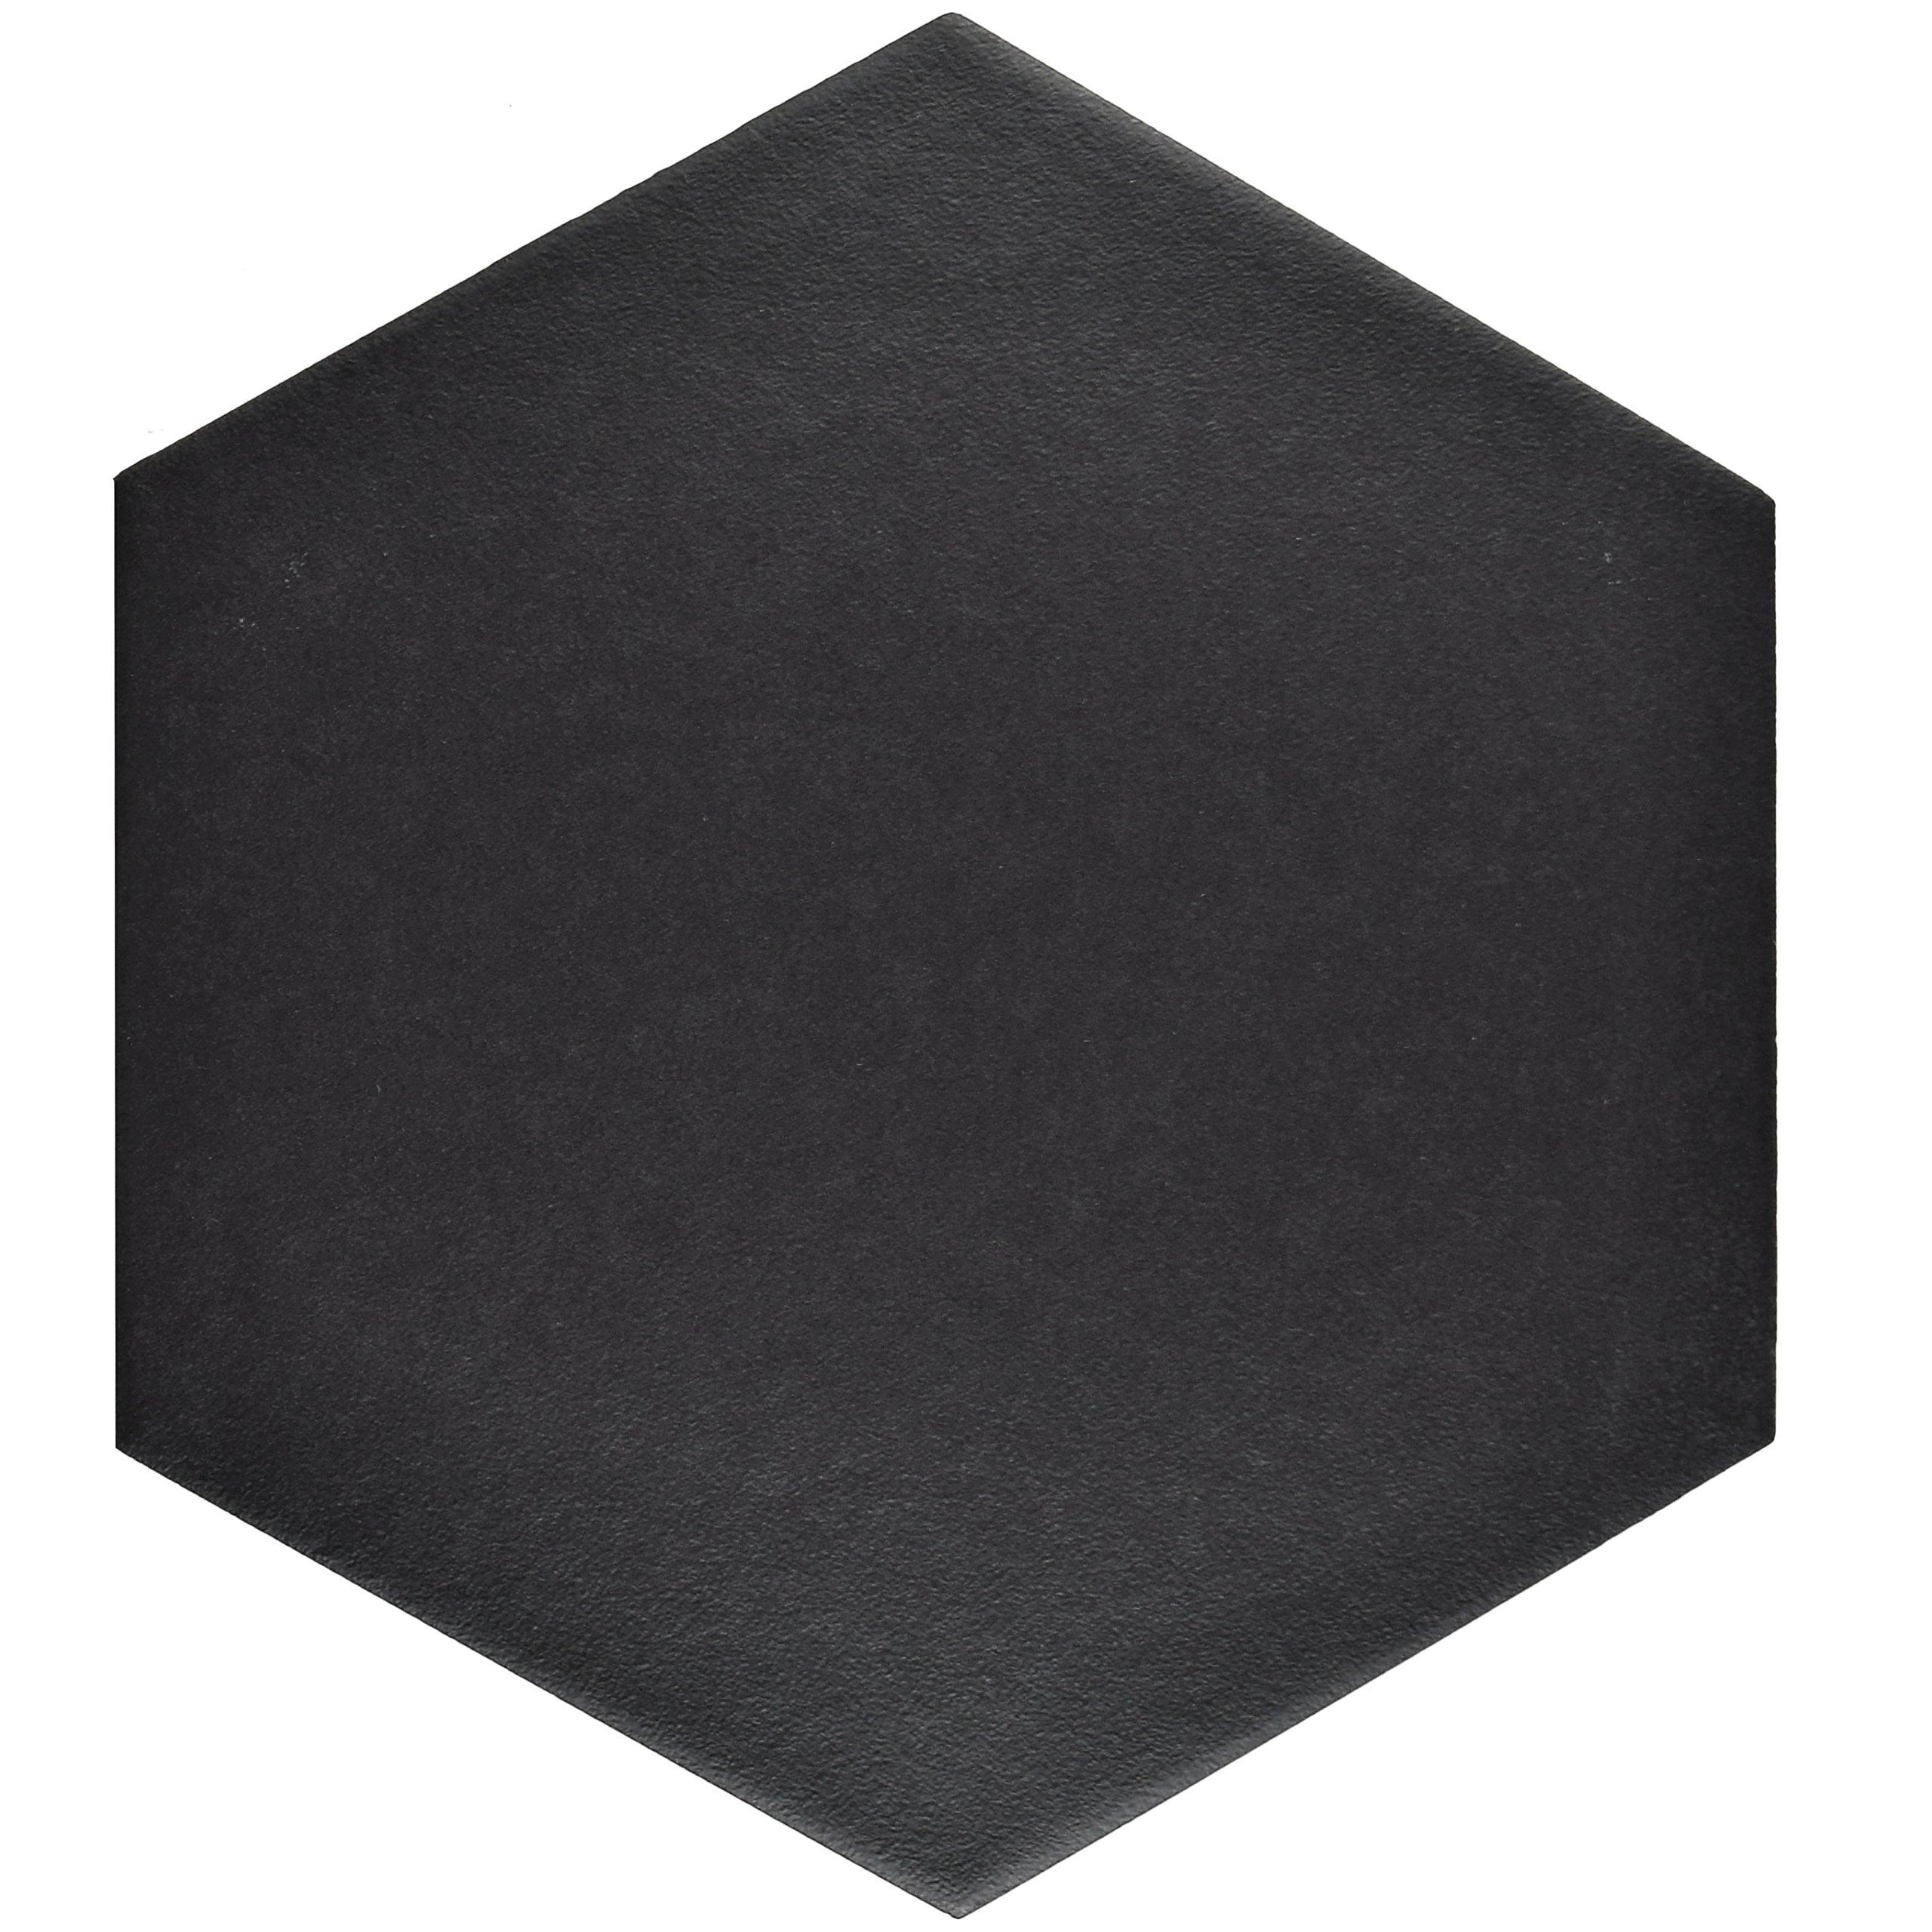 Cheap Black Hex Tile Floor Find Black Hex Tile Floor Deals On Line